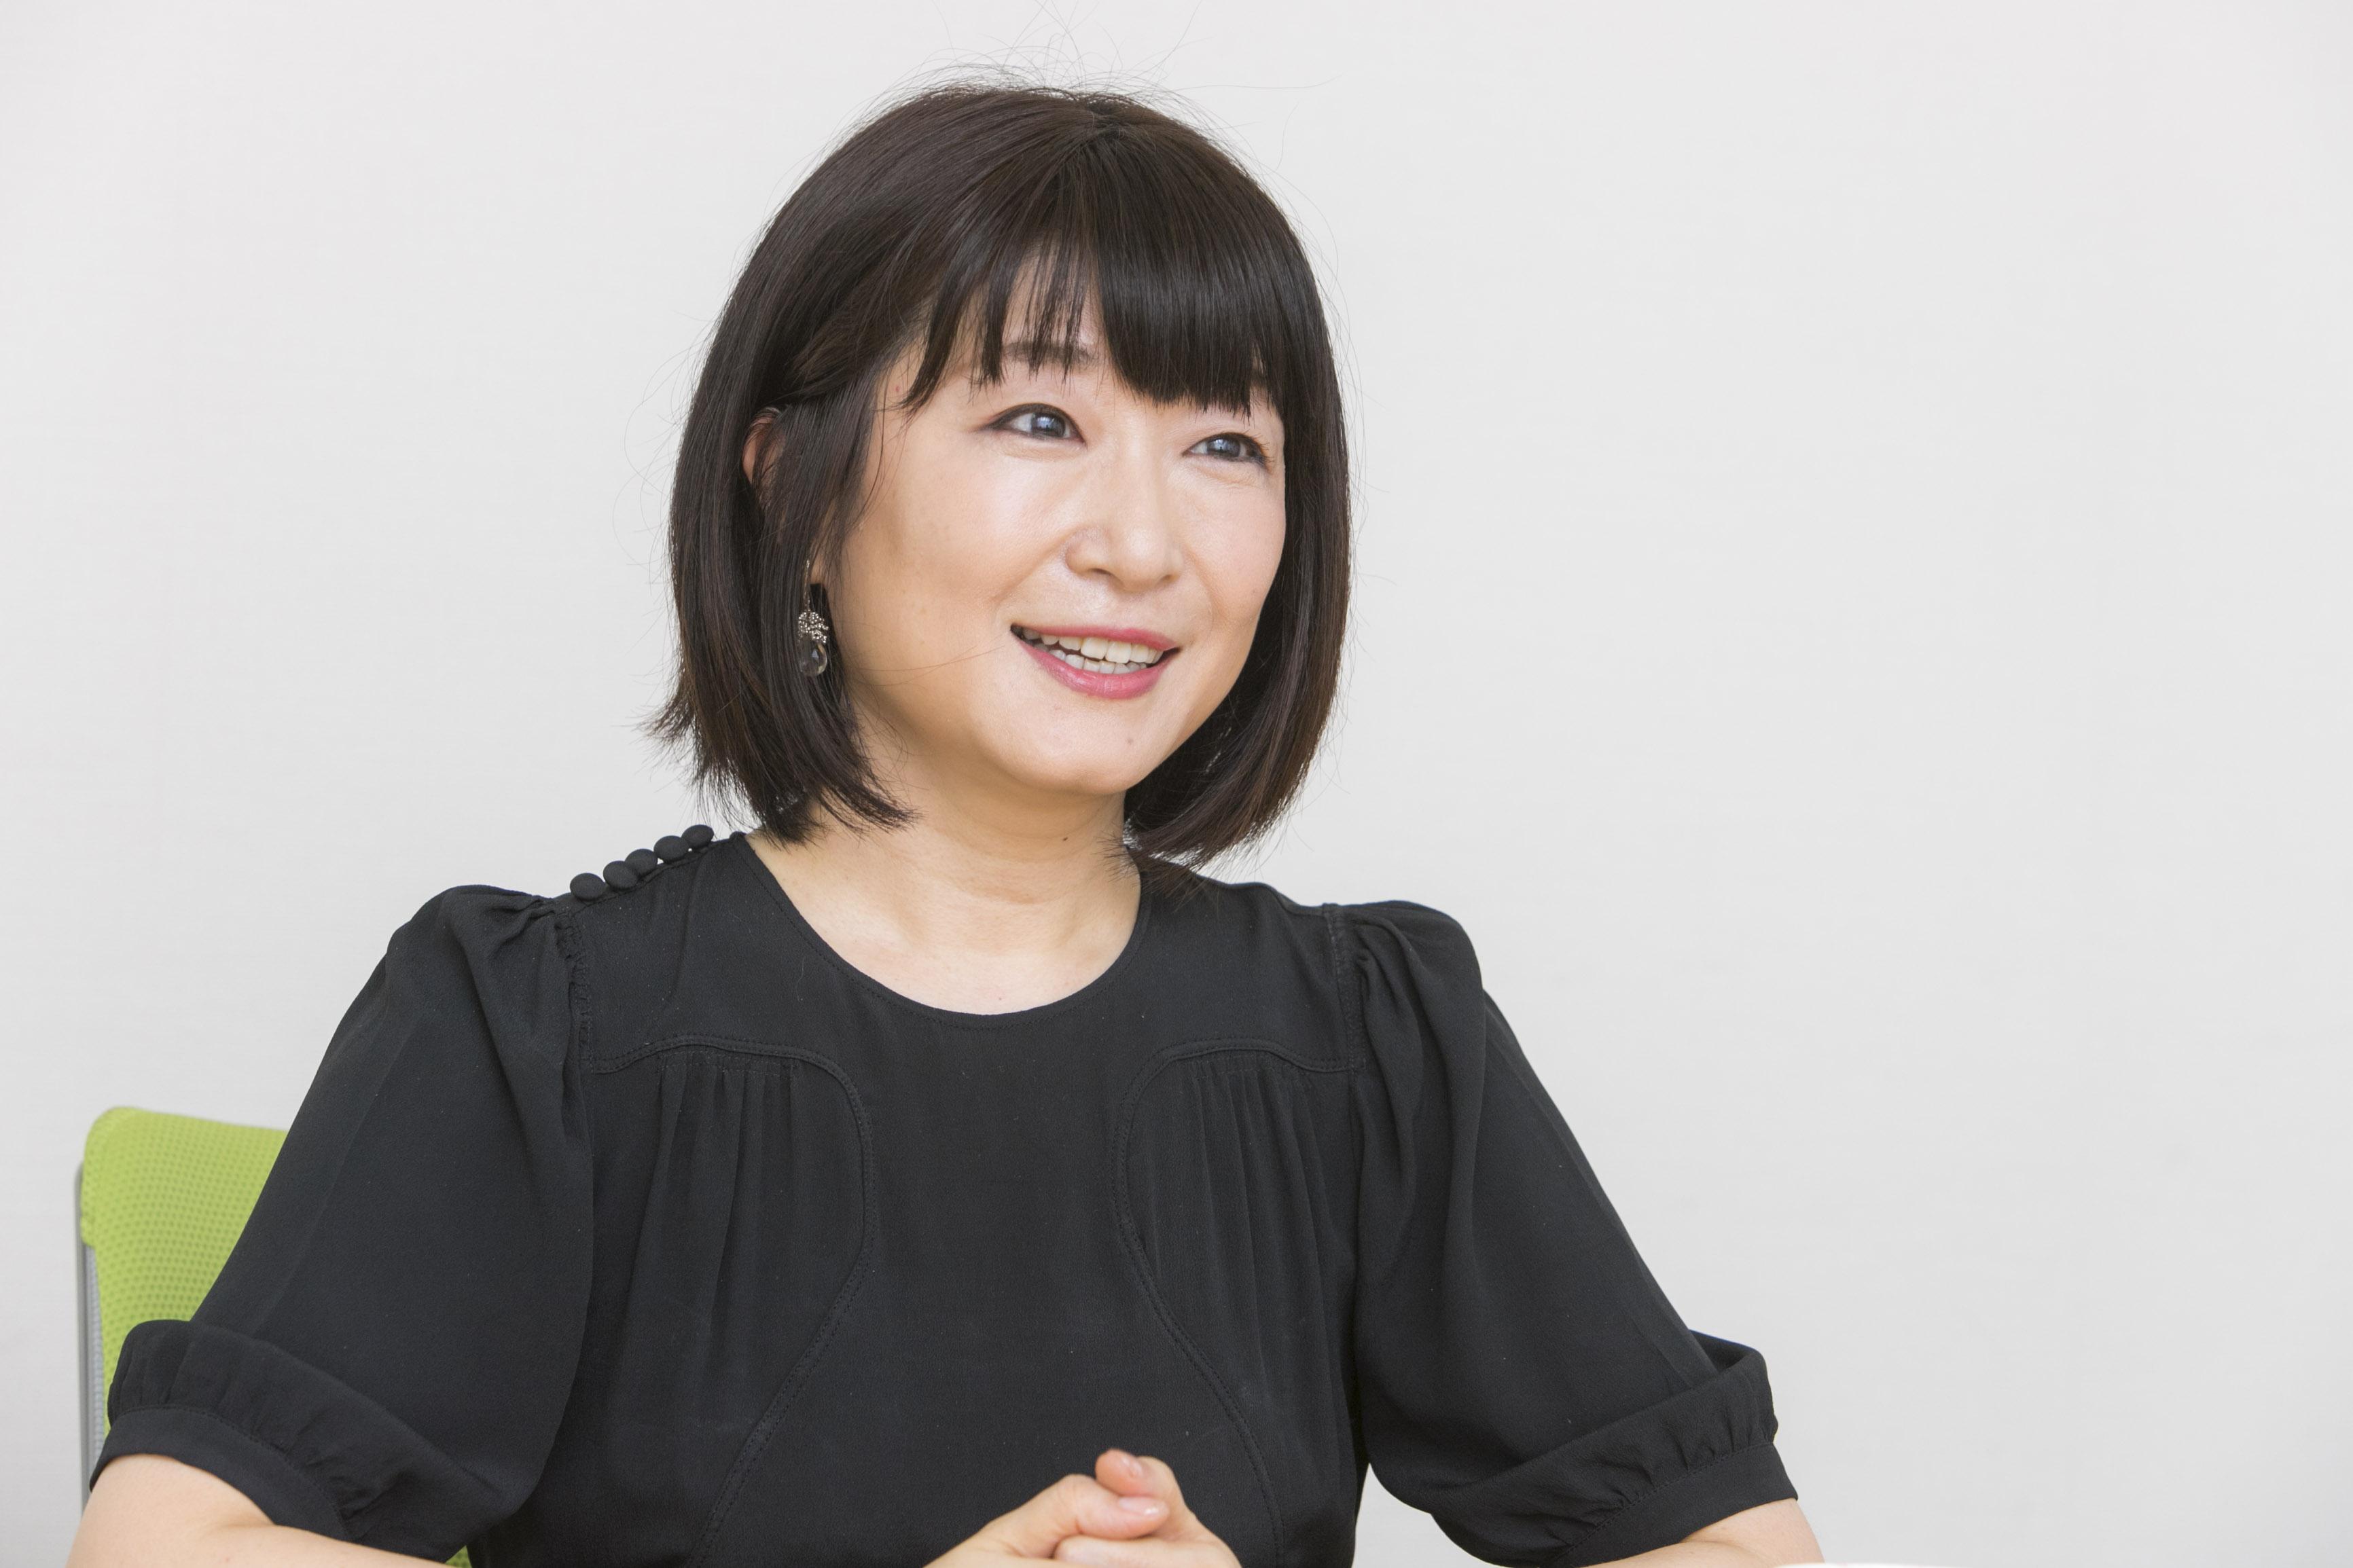 100人分のクイズ問題を受け取るのは収録直前!? 『99人の壁』ナレーター・小坂由里子インタビュー